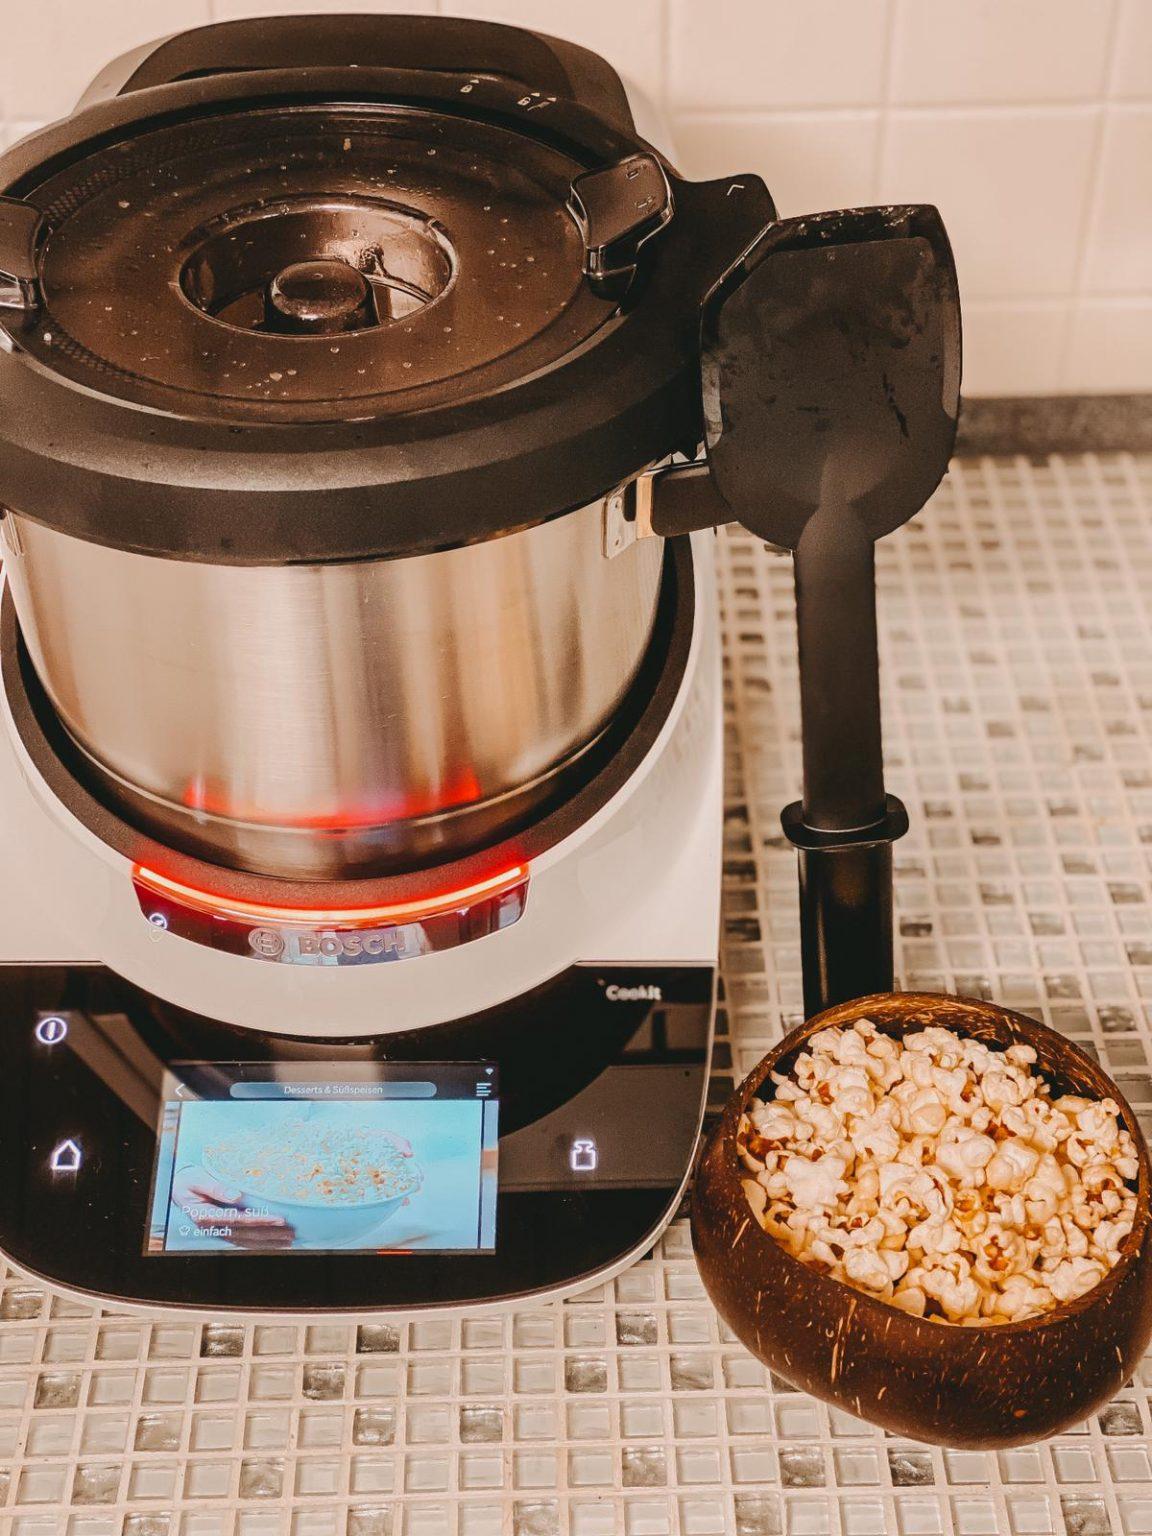 Bosch Küchenmaschine Mit Kochfunktion 2021